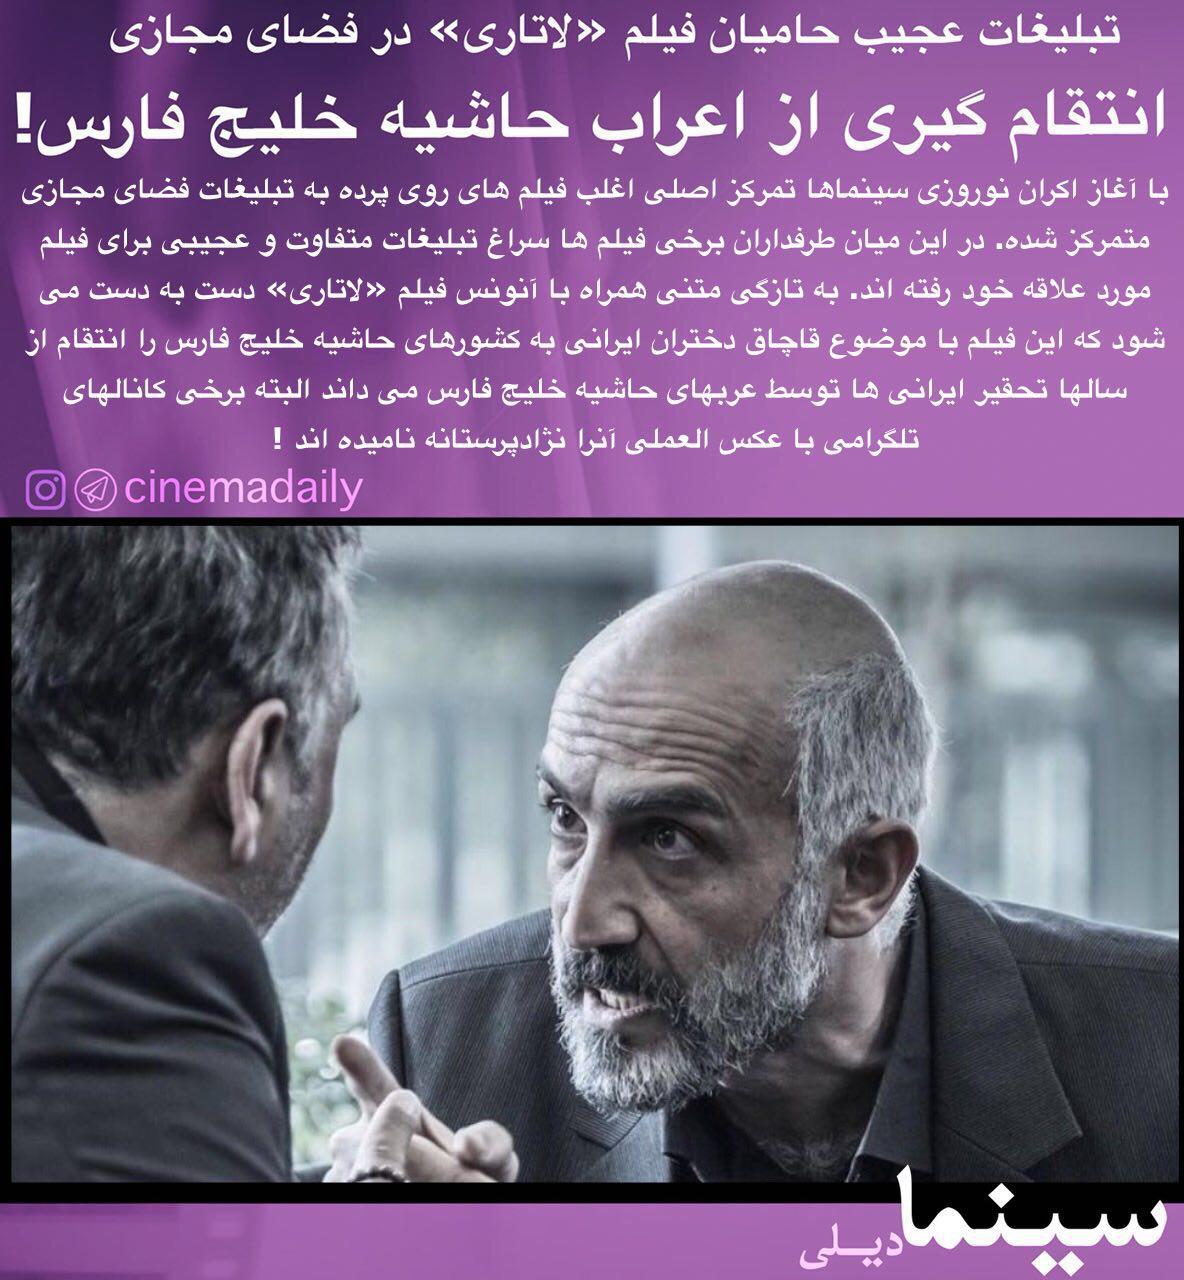 تبلیغات نژاد پرستانه فیلم لاتاری در تلگرام